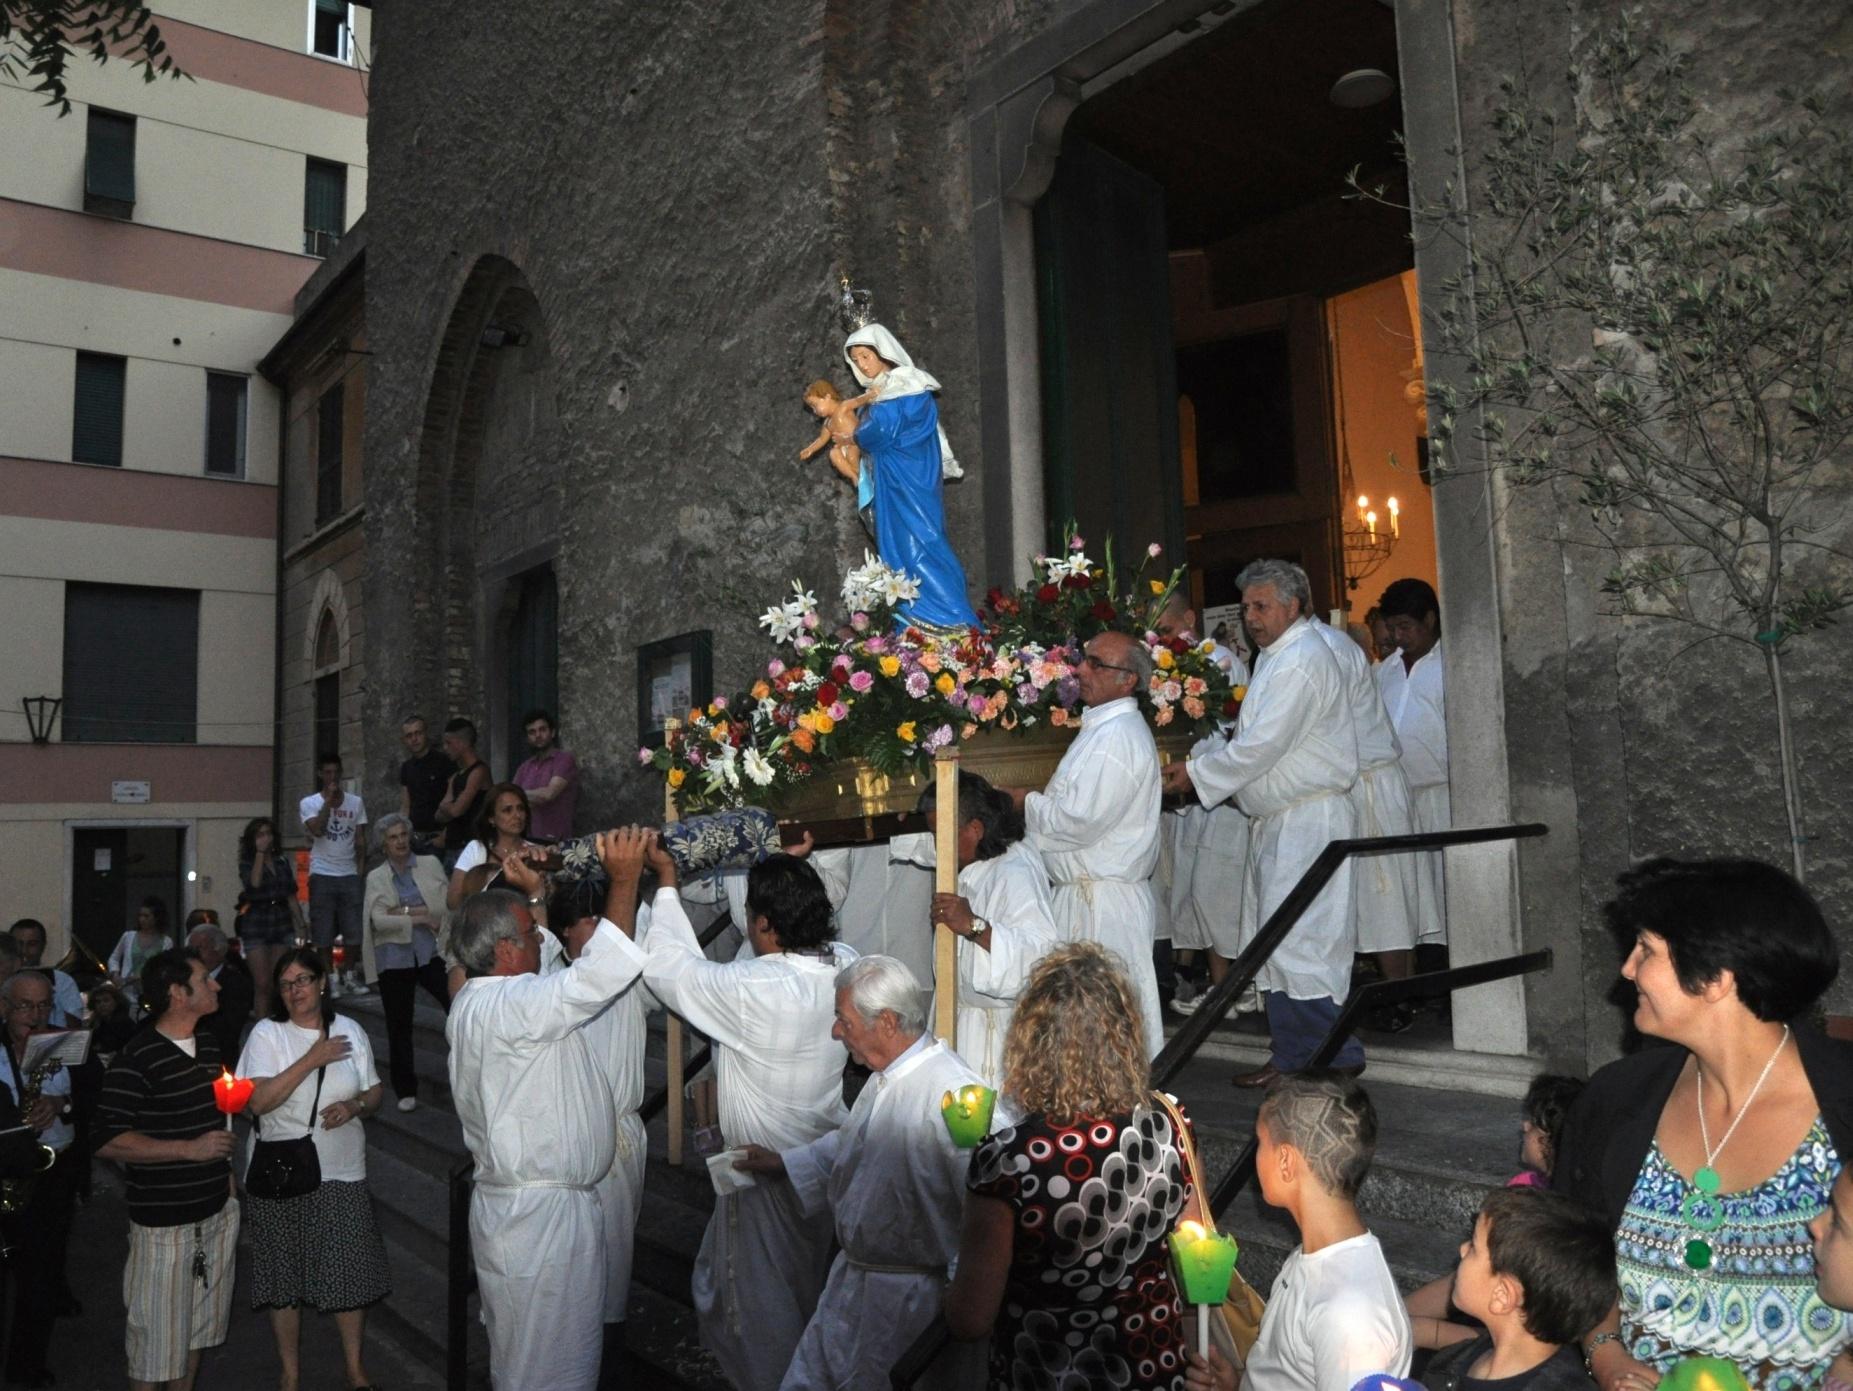 processione_madonna-2011-05-29-21-01-41